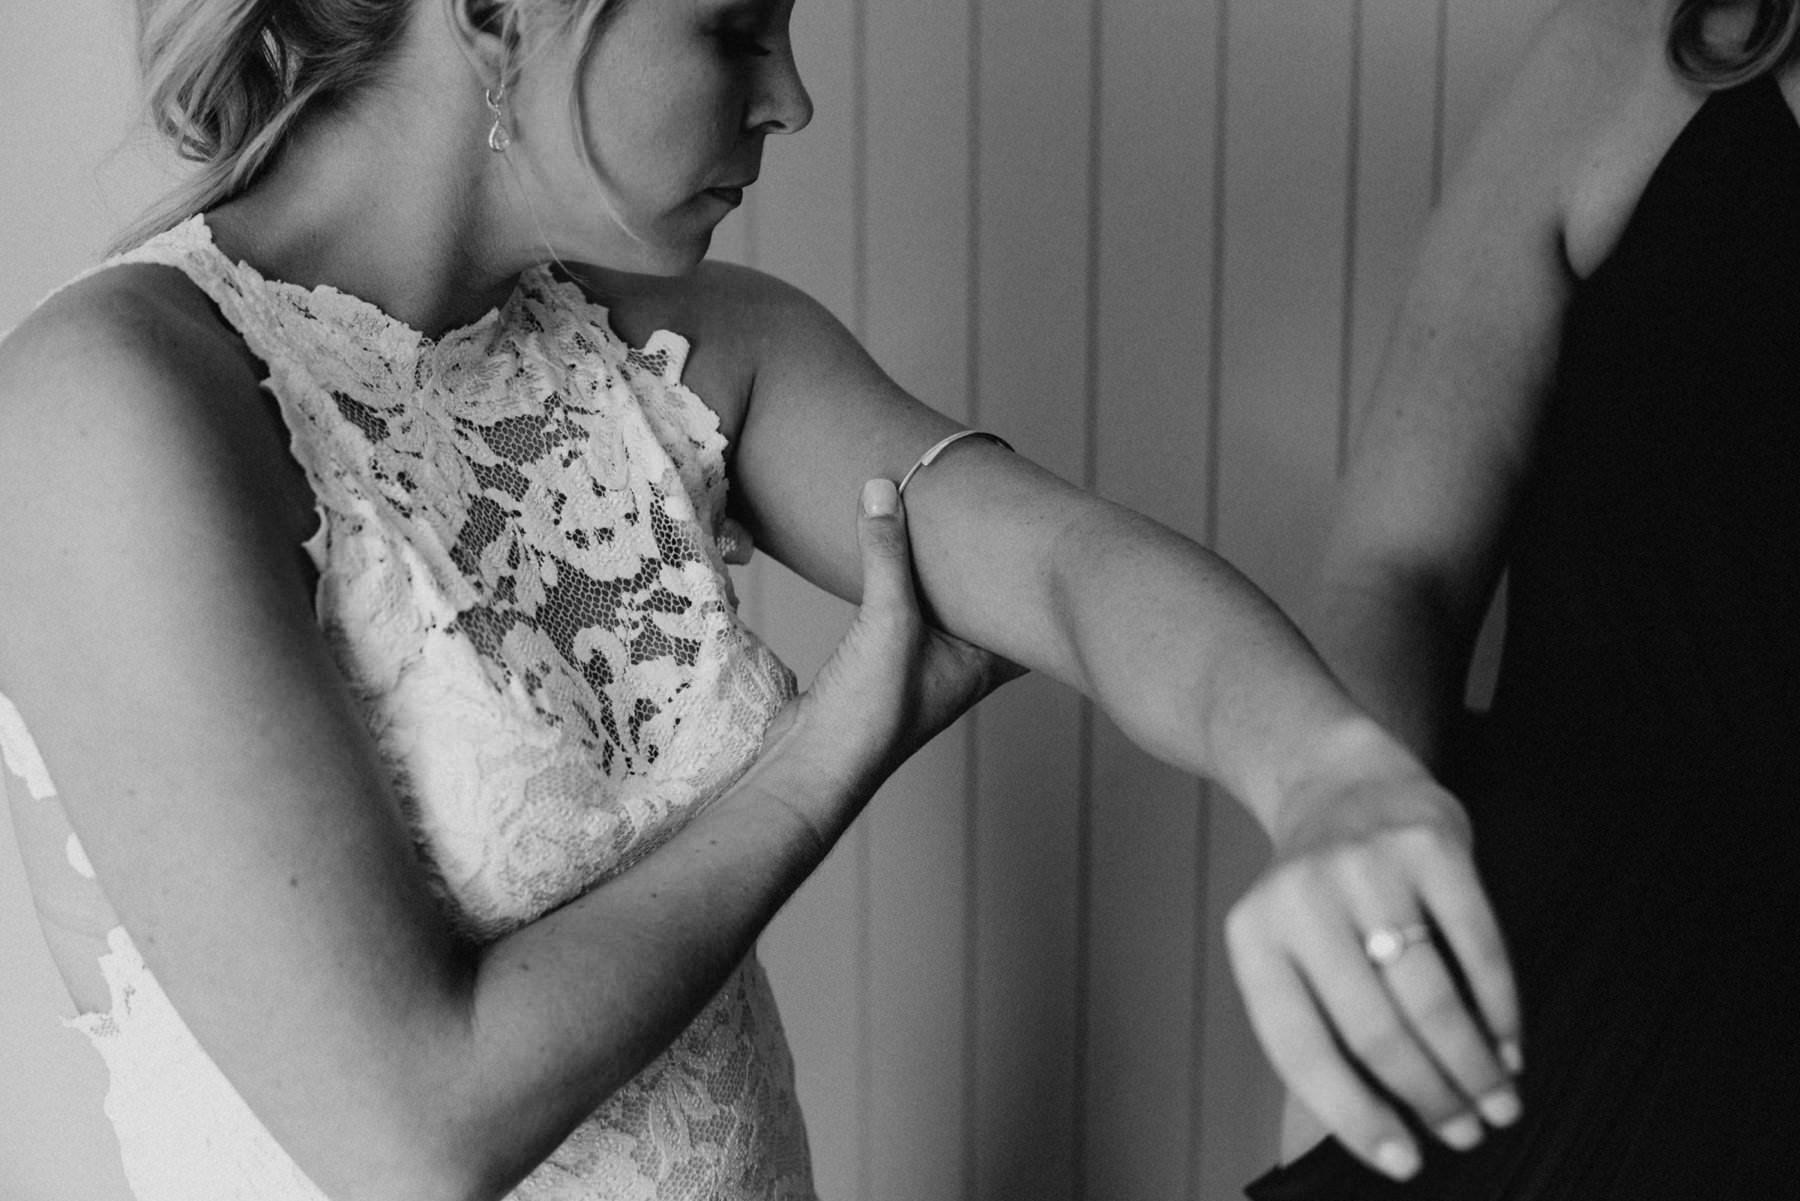 documentary wedding photographey ireland